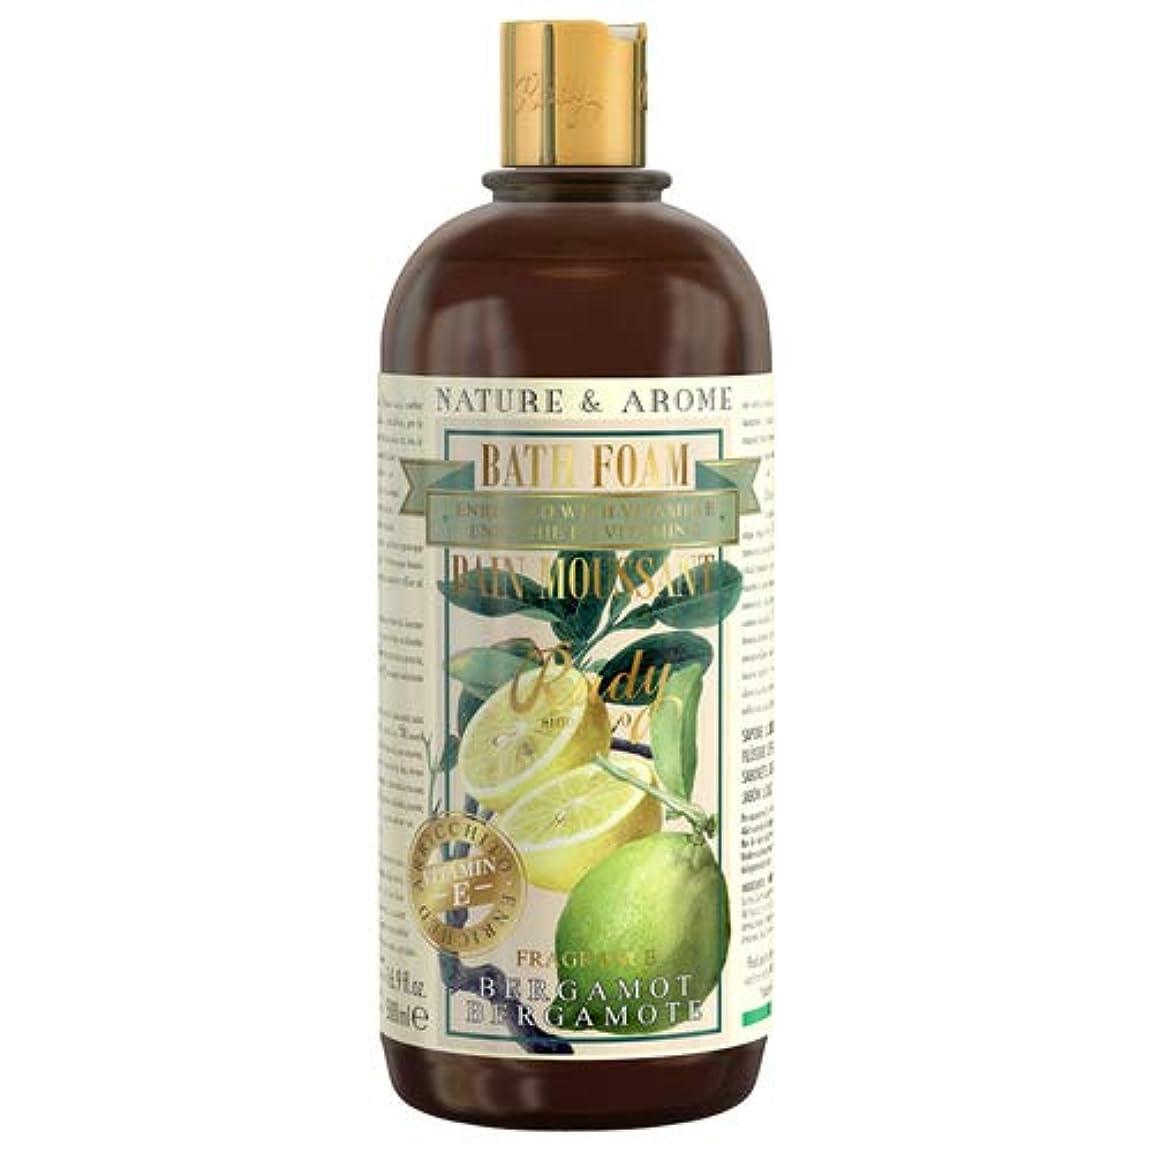 ハチ十億テストルディ(Rudy) RUDY Nature&Arome Apothecary ネイチャーアロマ アポセカリー Bath & Shower Gel バス&シャワージェル Bergamot ベルガモット